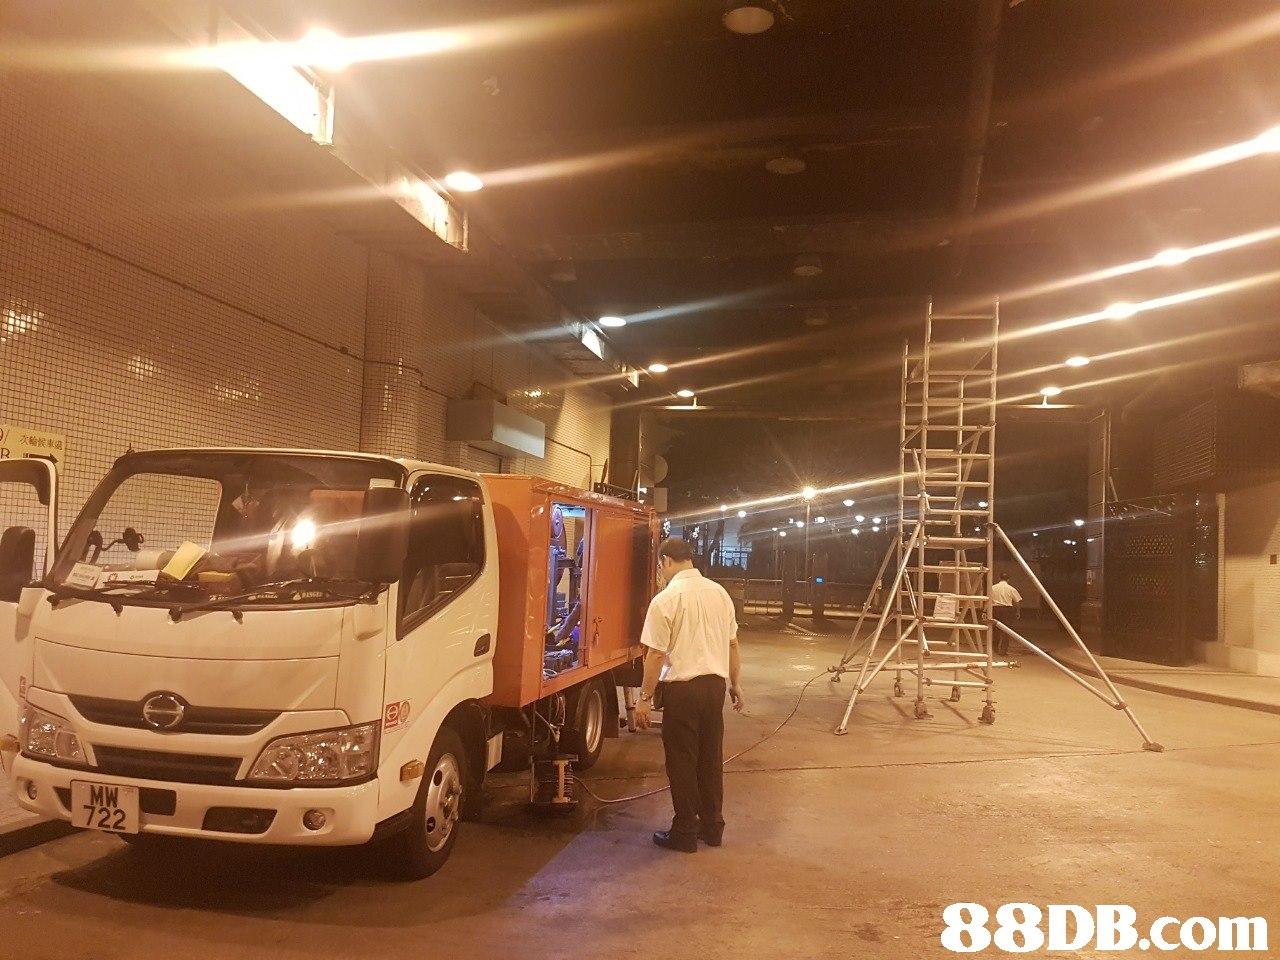 / 次輪候車處 MW 722   transport,mode of transport,vehicle,commercial vehicle,motor vehicle